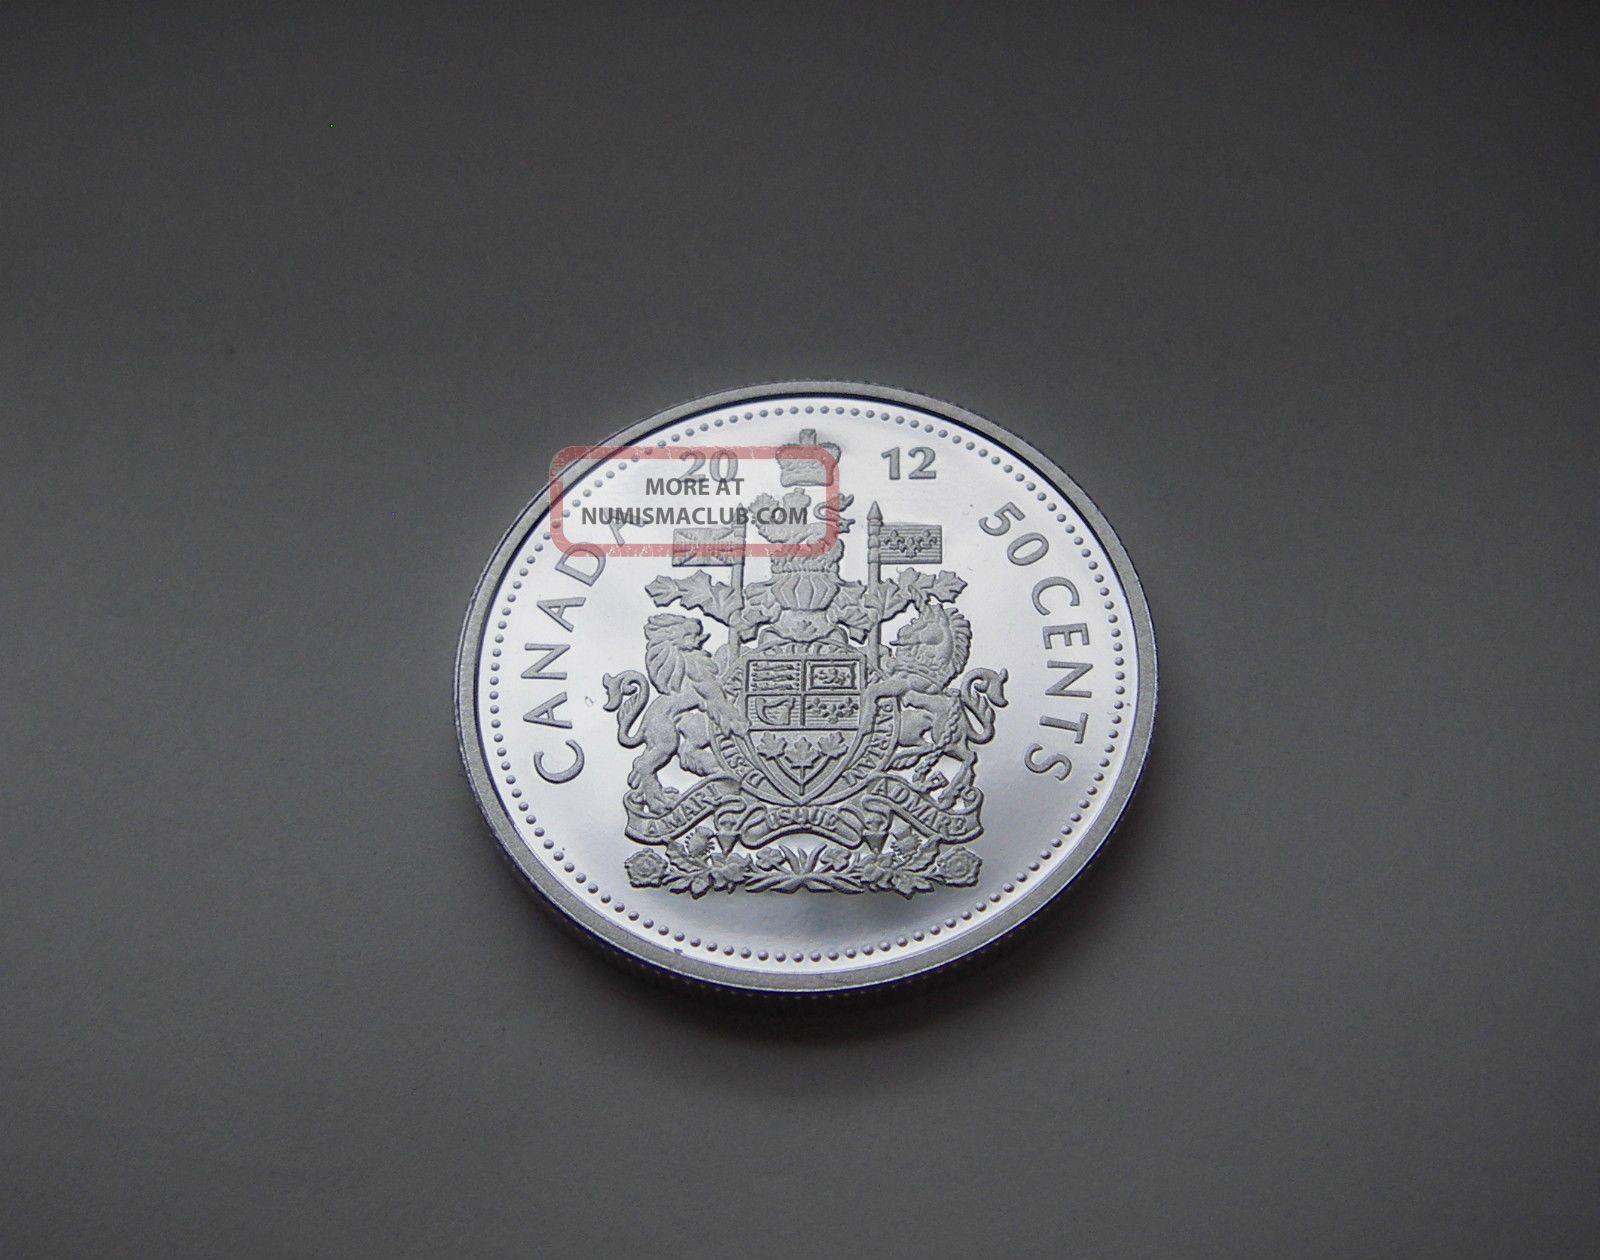 999 Silver Coin Royal Canadian Rare 2012 Canada 50